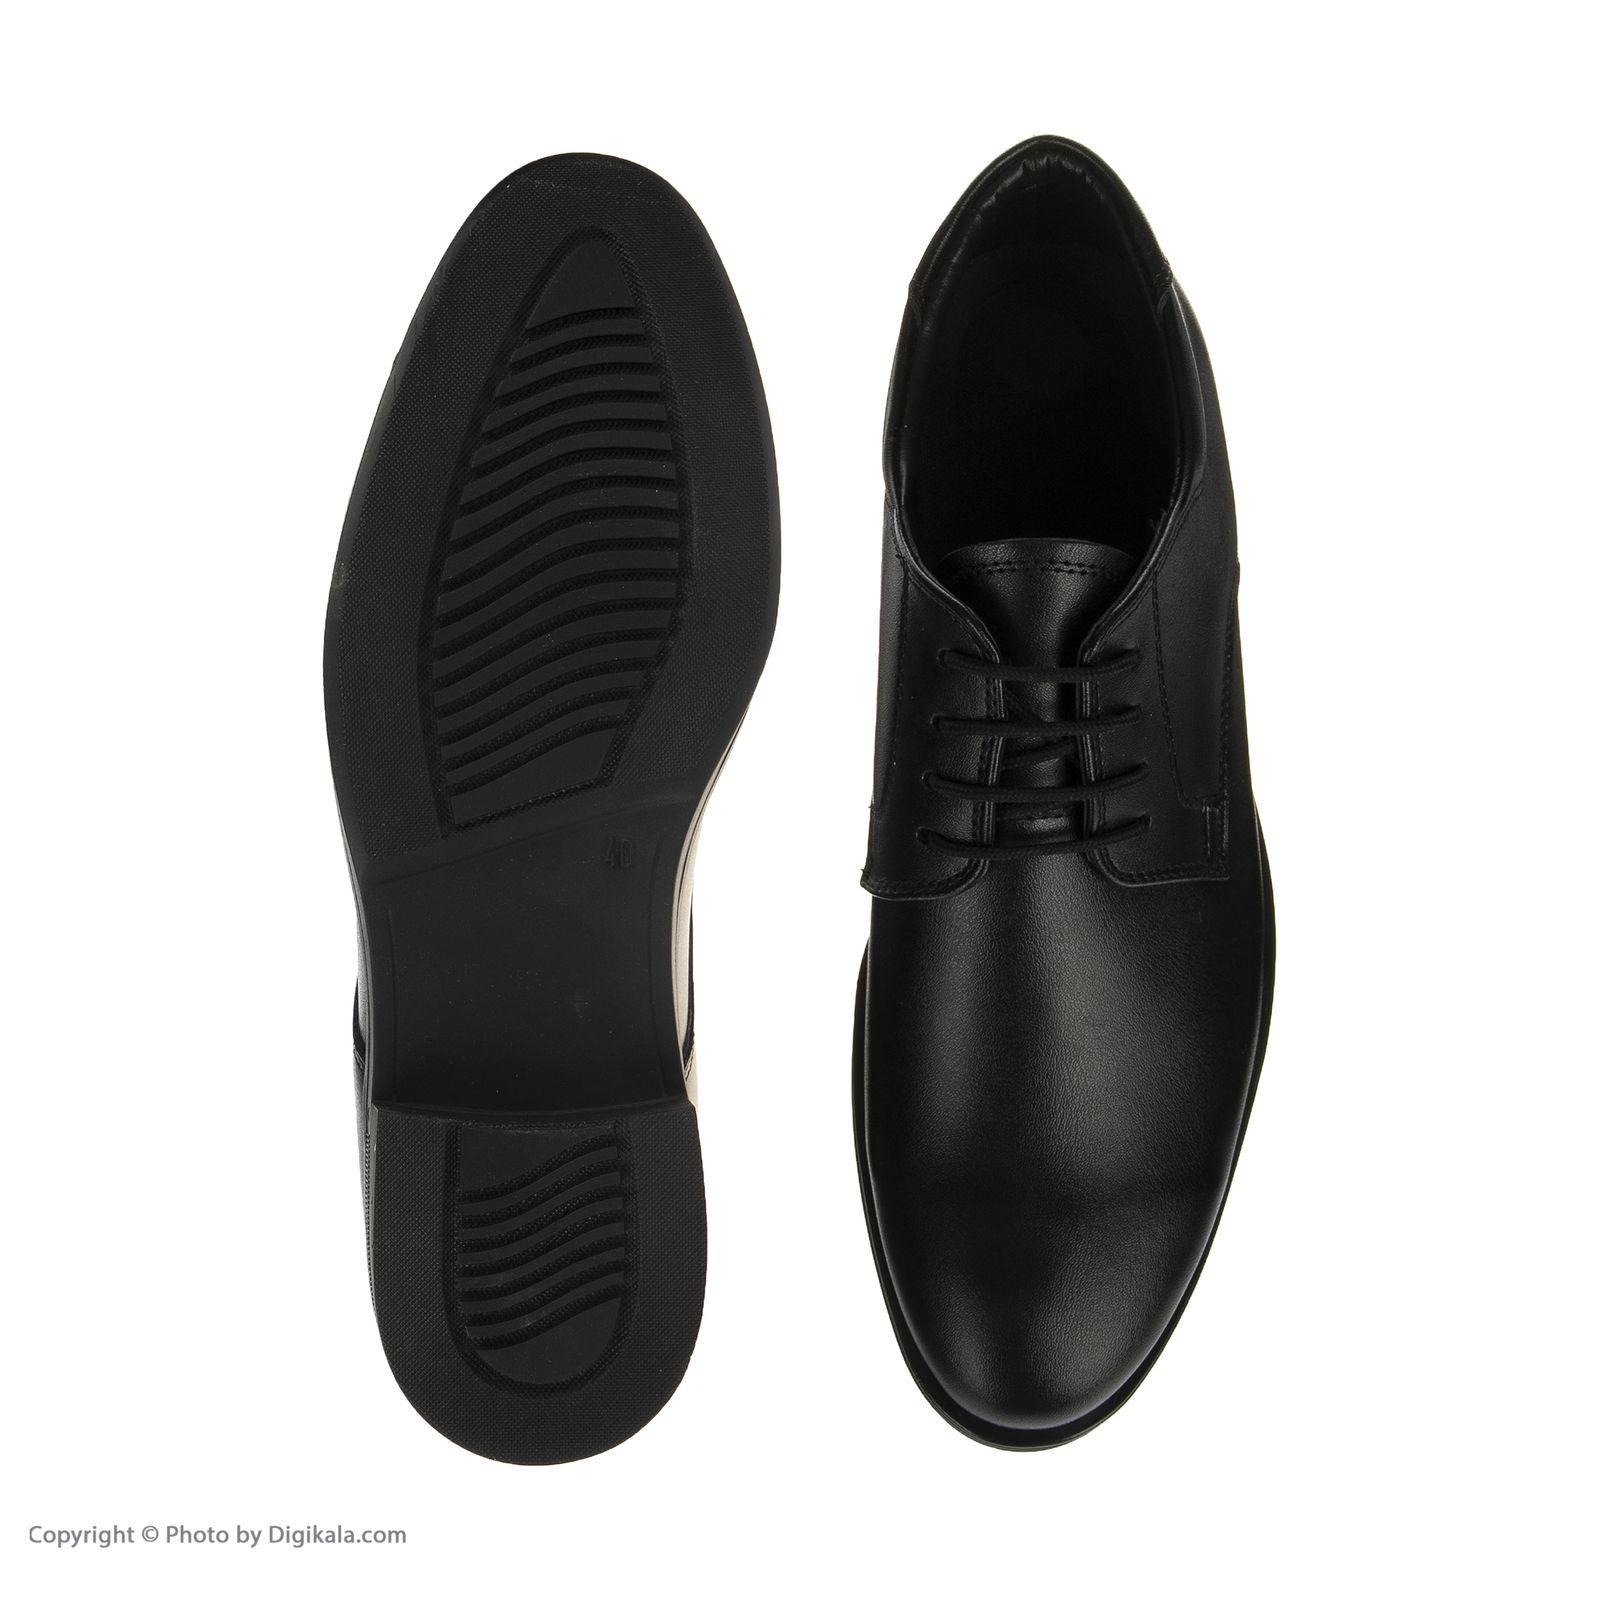 کفش مردانه اسپرت من مدل r615-1 -  - 3